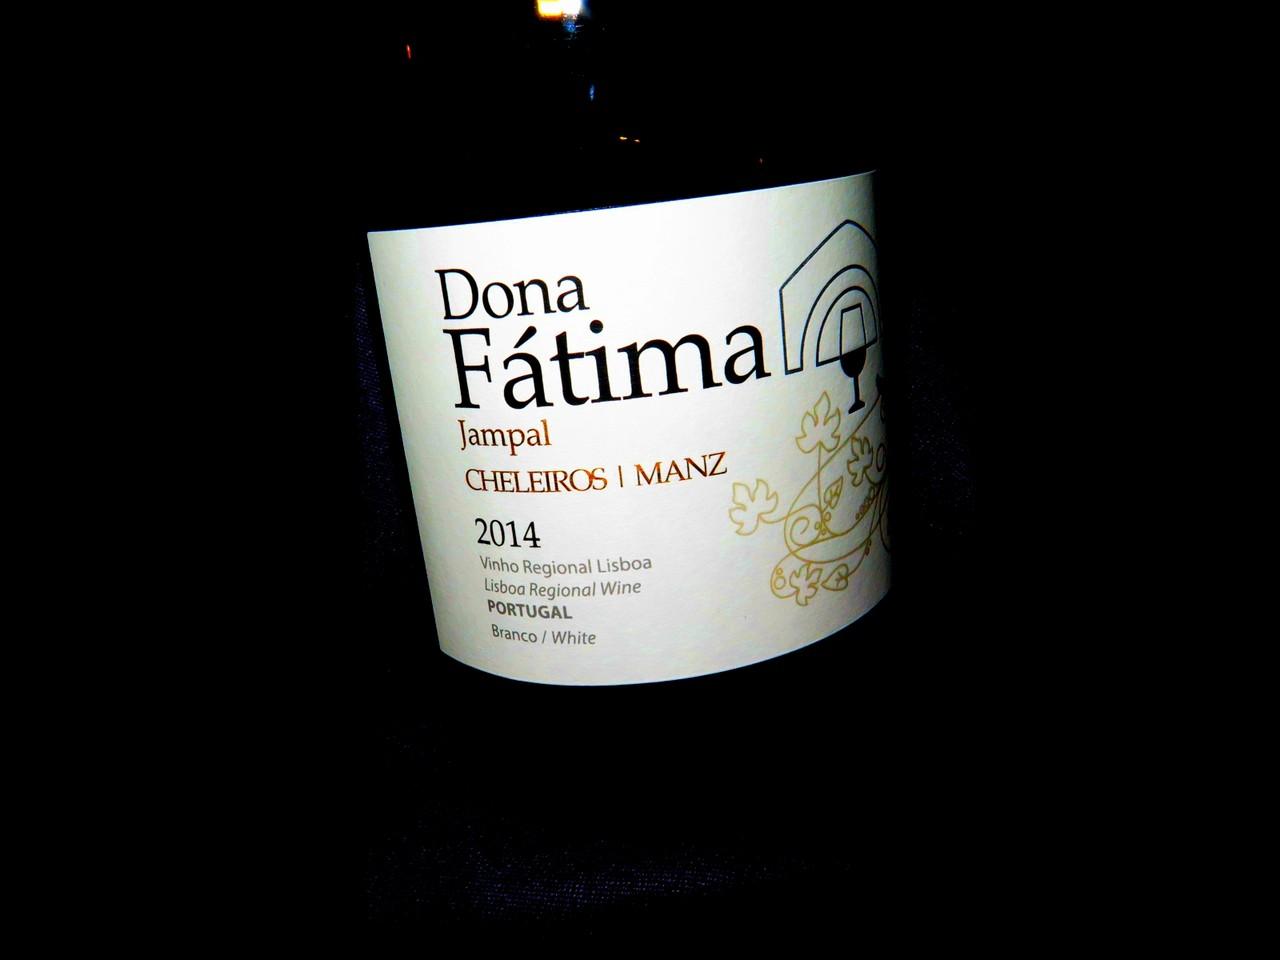 Dona Fátima Jampal branco 2014